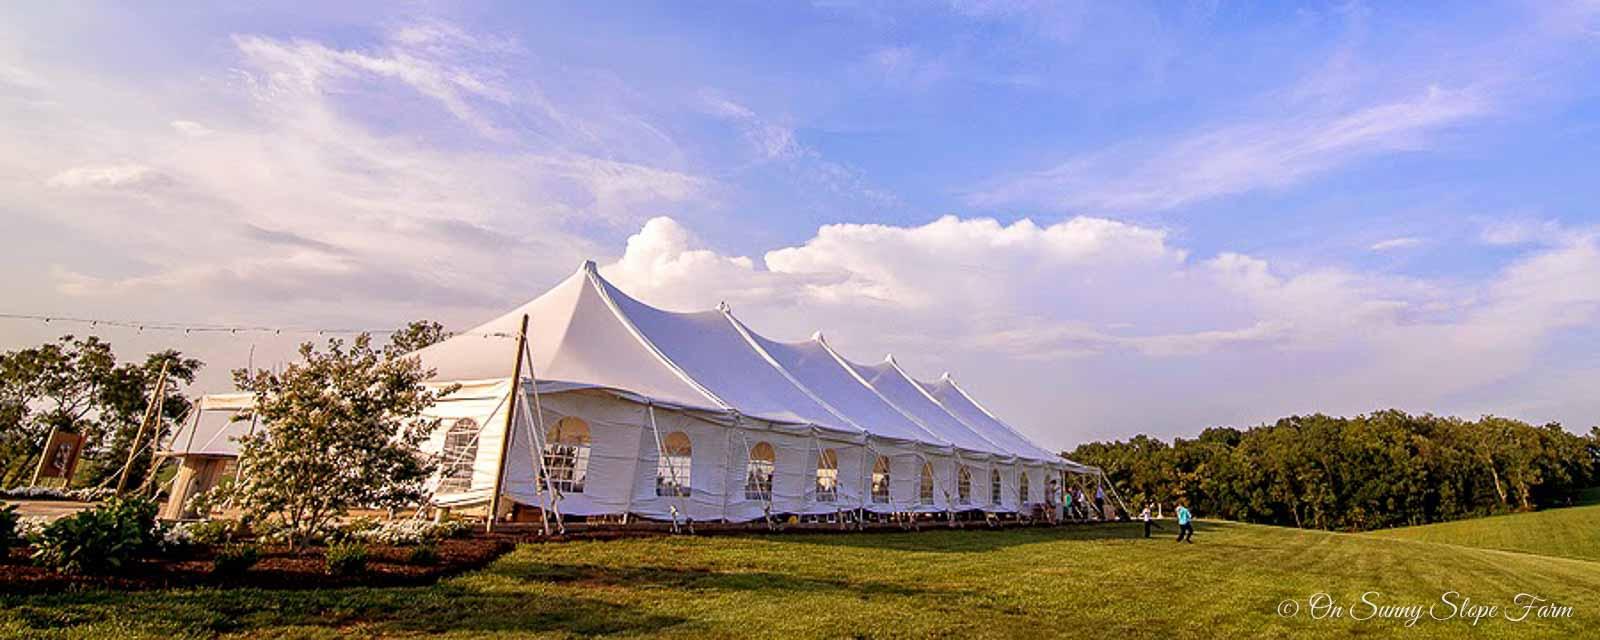 Weddings_On_Sunny_Slope_Farm-3